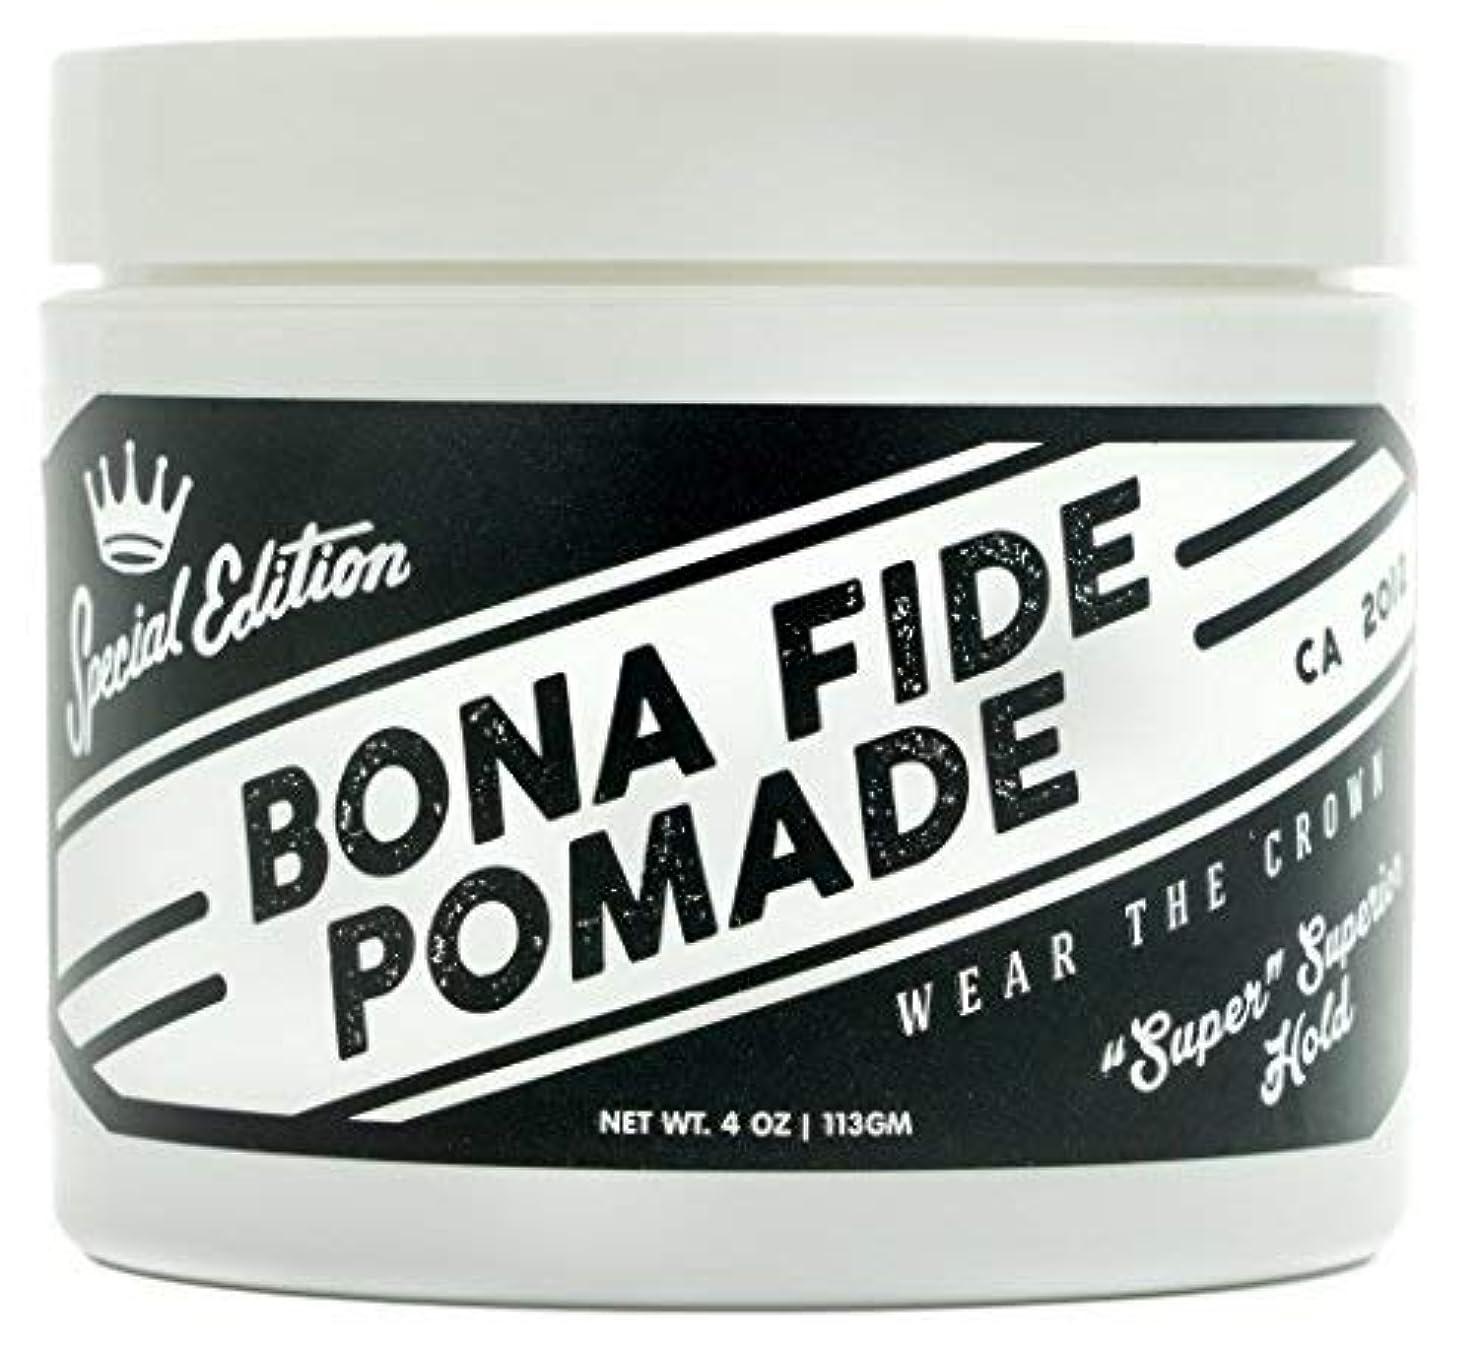 舞い上がる表面人差し指Bona Fide Pomade, スーパースーペリアホールドSE, 4OZ (113g)、水性ポマード/ヘアー グリース (整髪料)